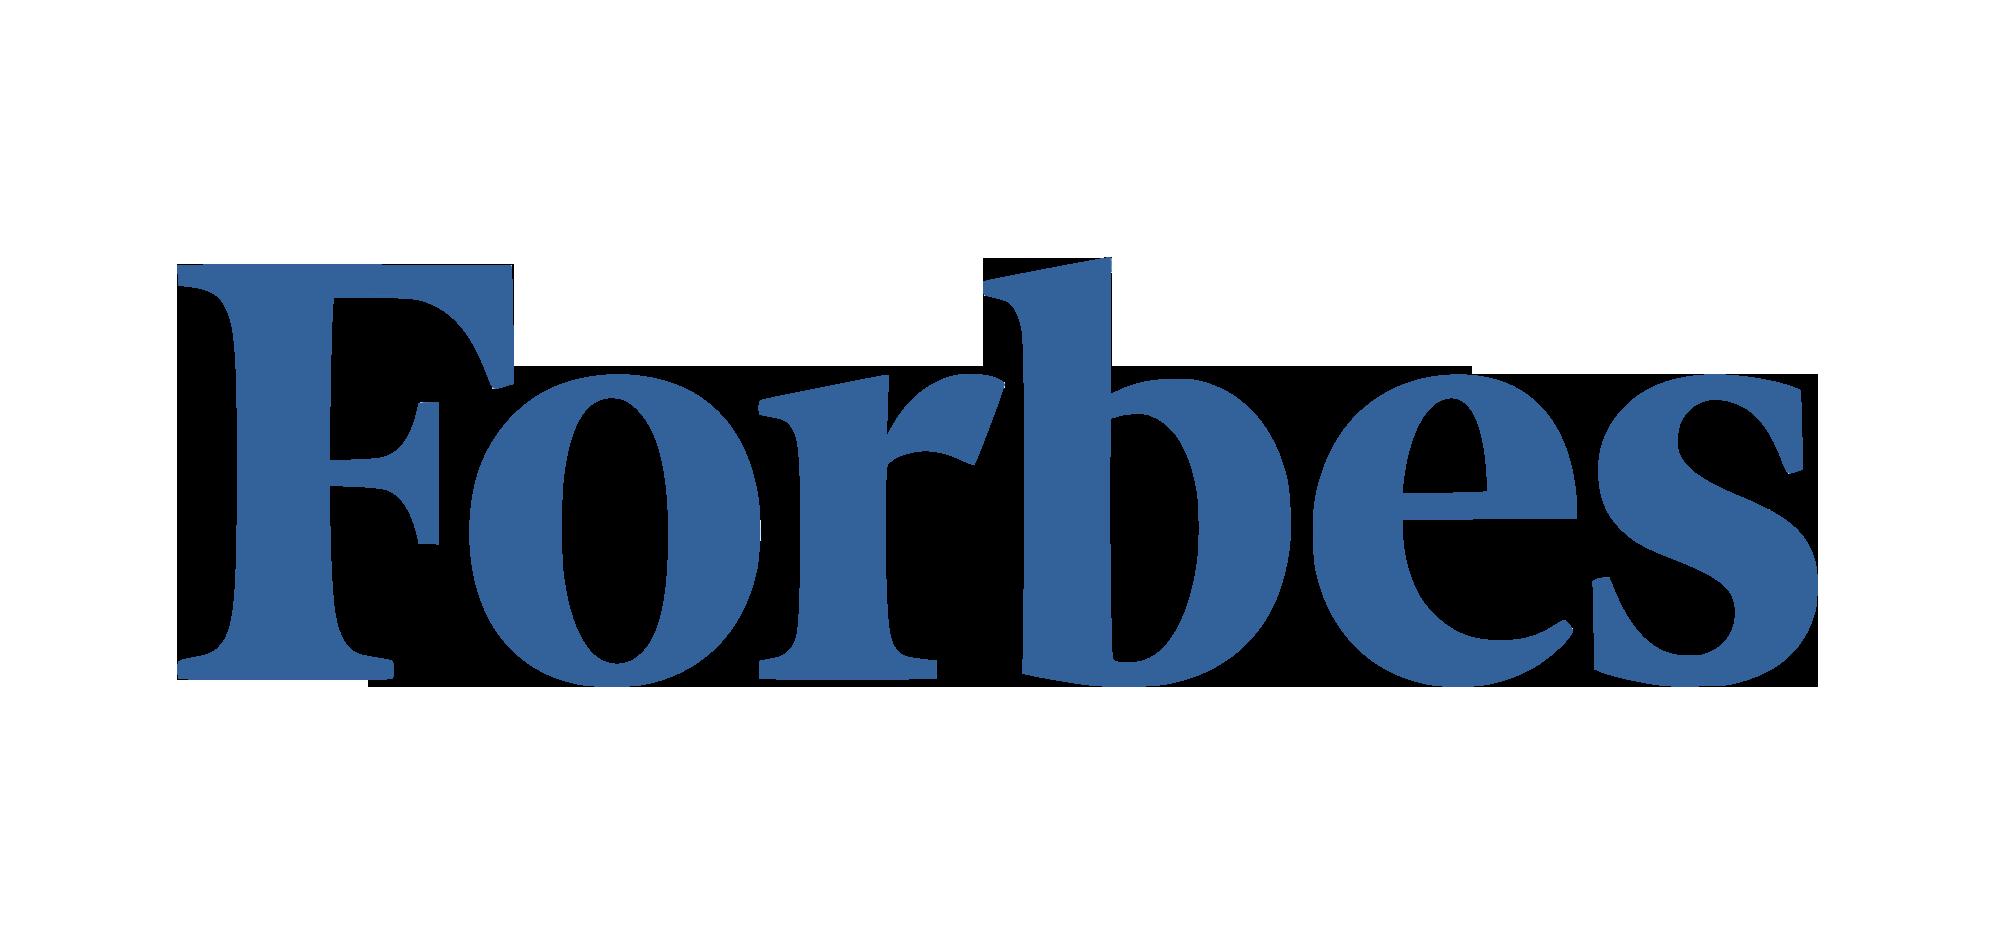 """Arantxa Unda encabeza la """"30 under 30 Europe"""" de Forbes..."""